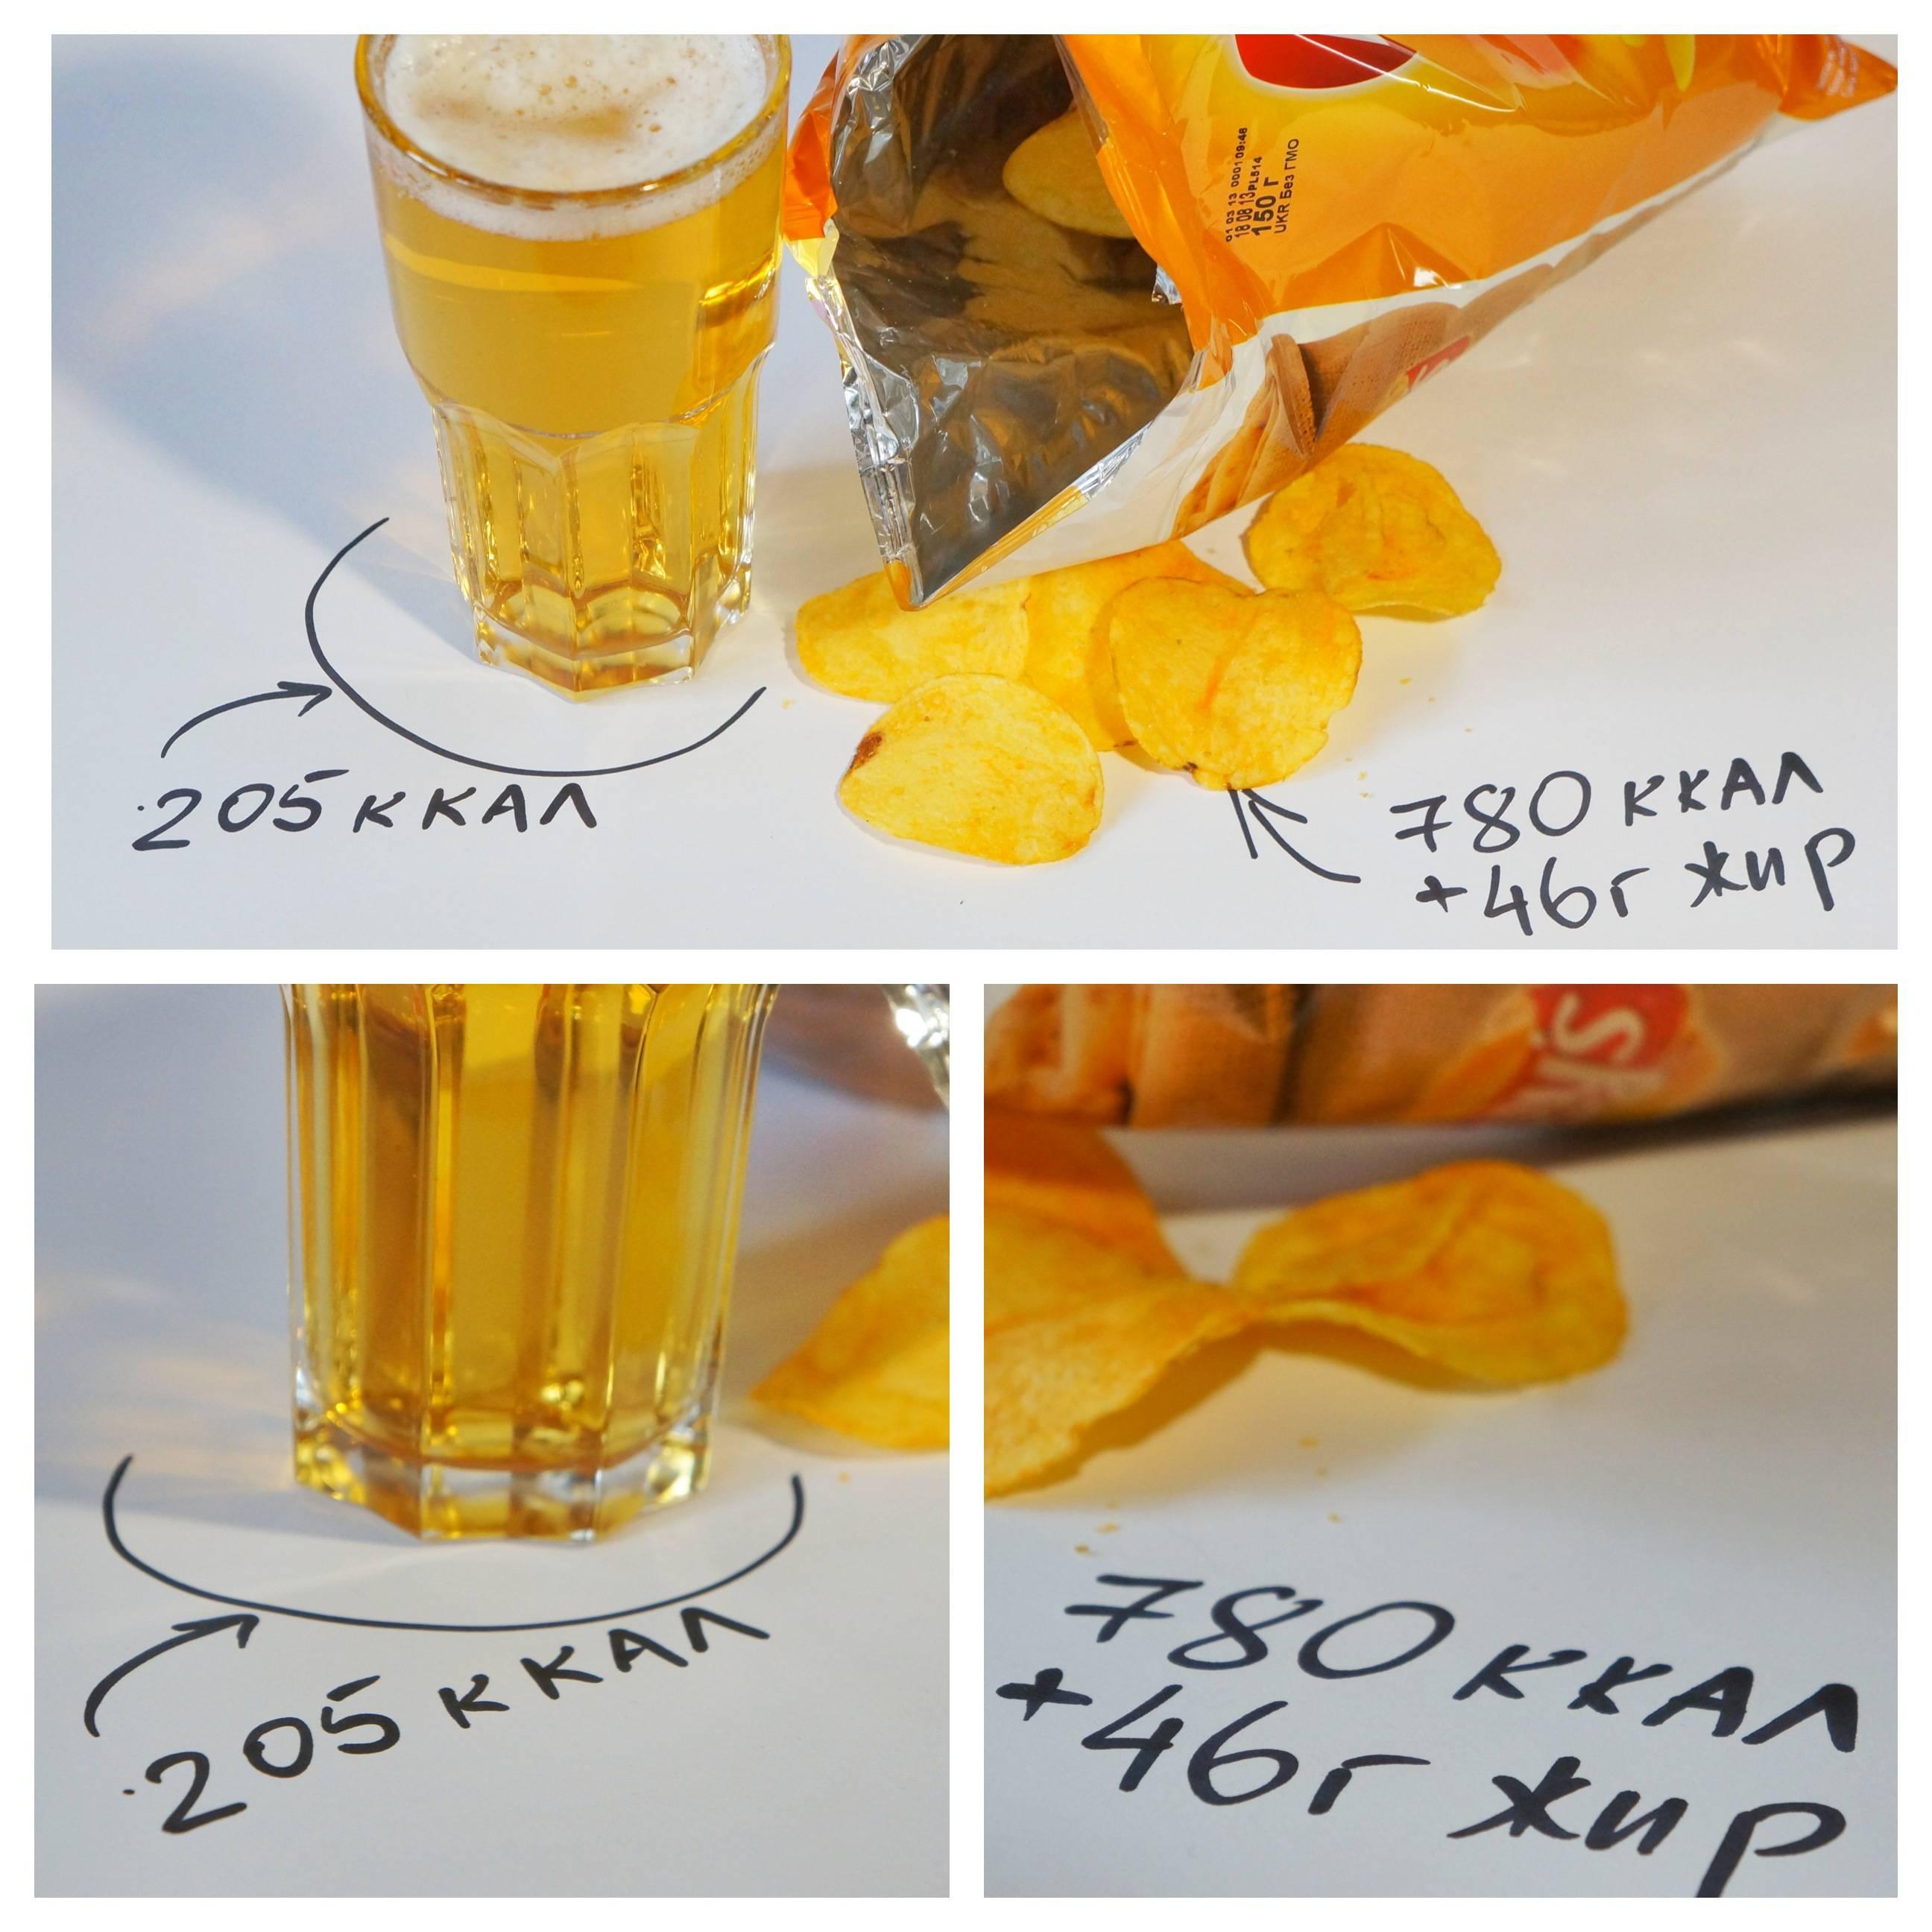 Как можно подсчитать сколько калорий в пиве